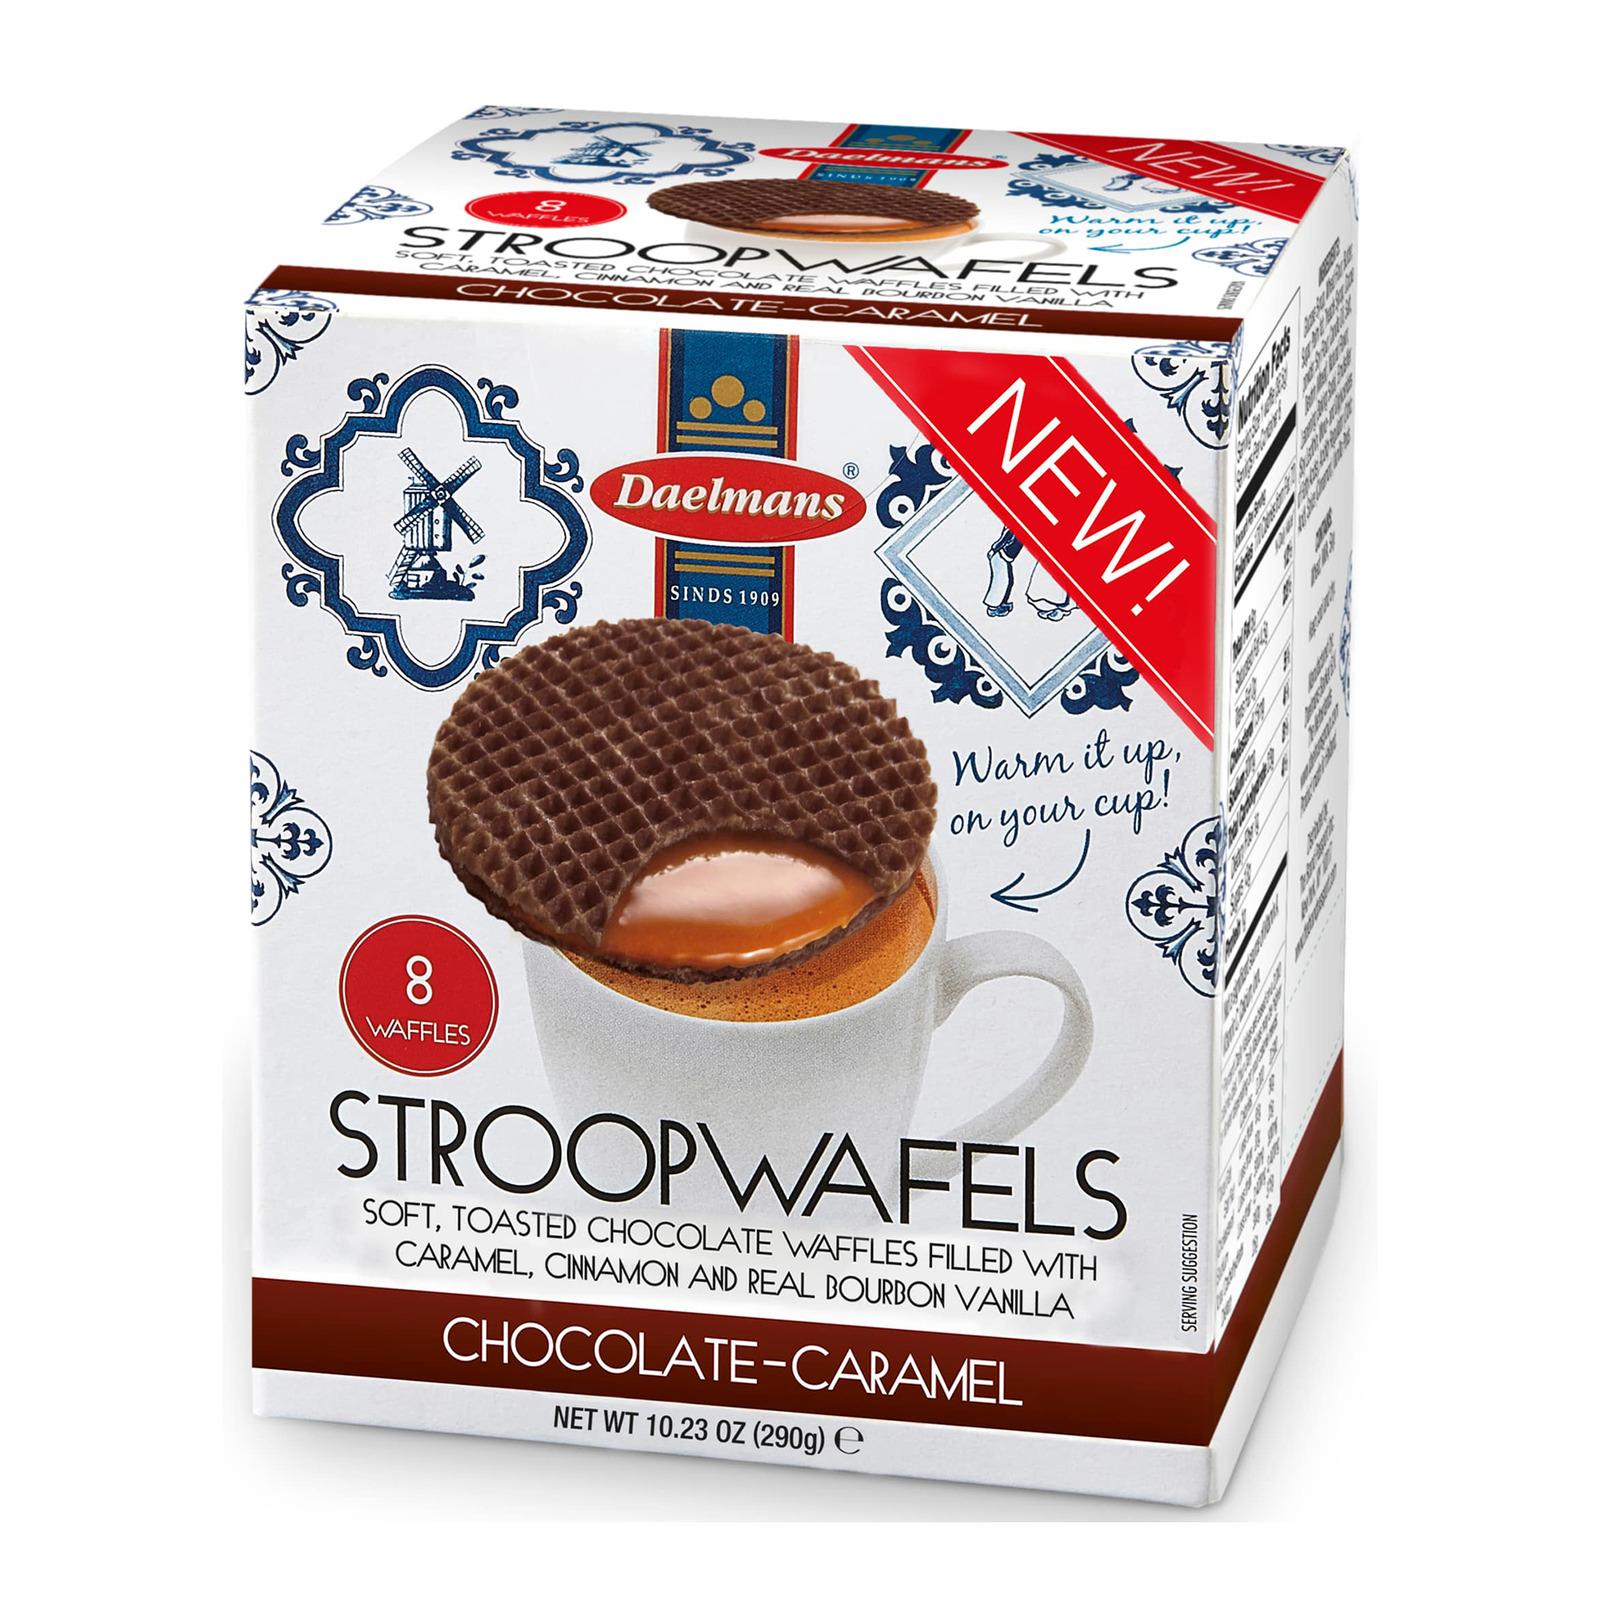 Daelmans Stroopwafels - Chocolate